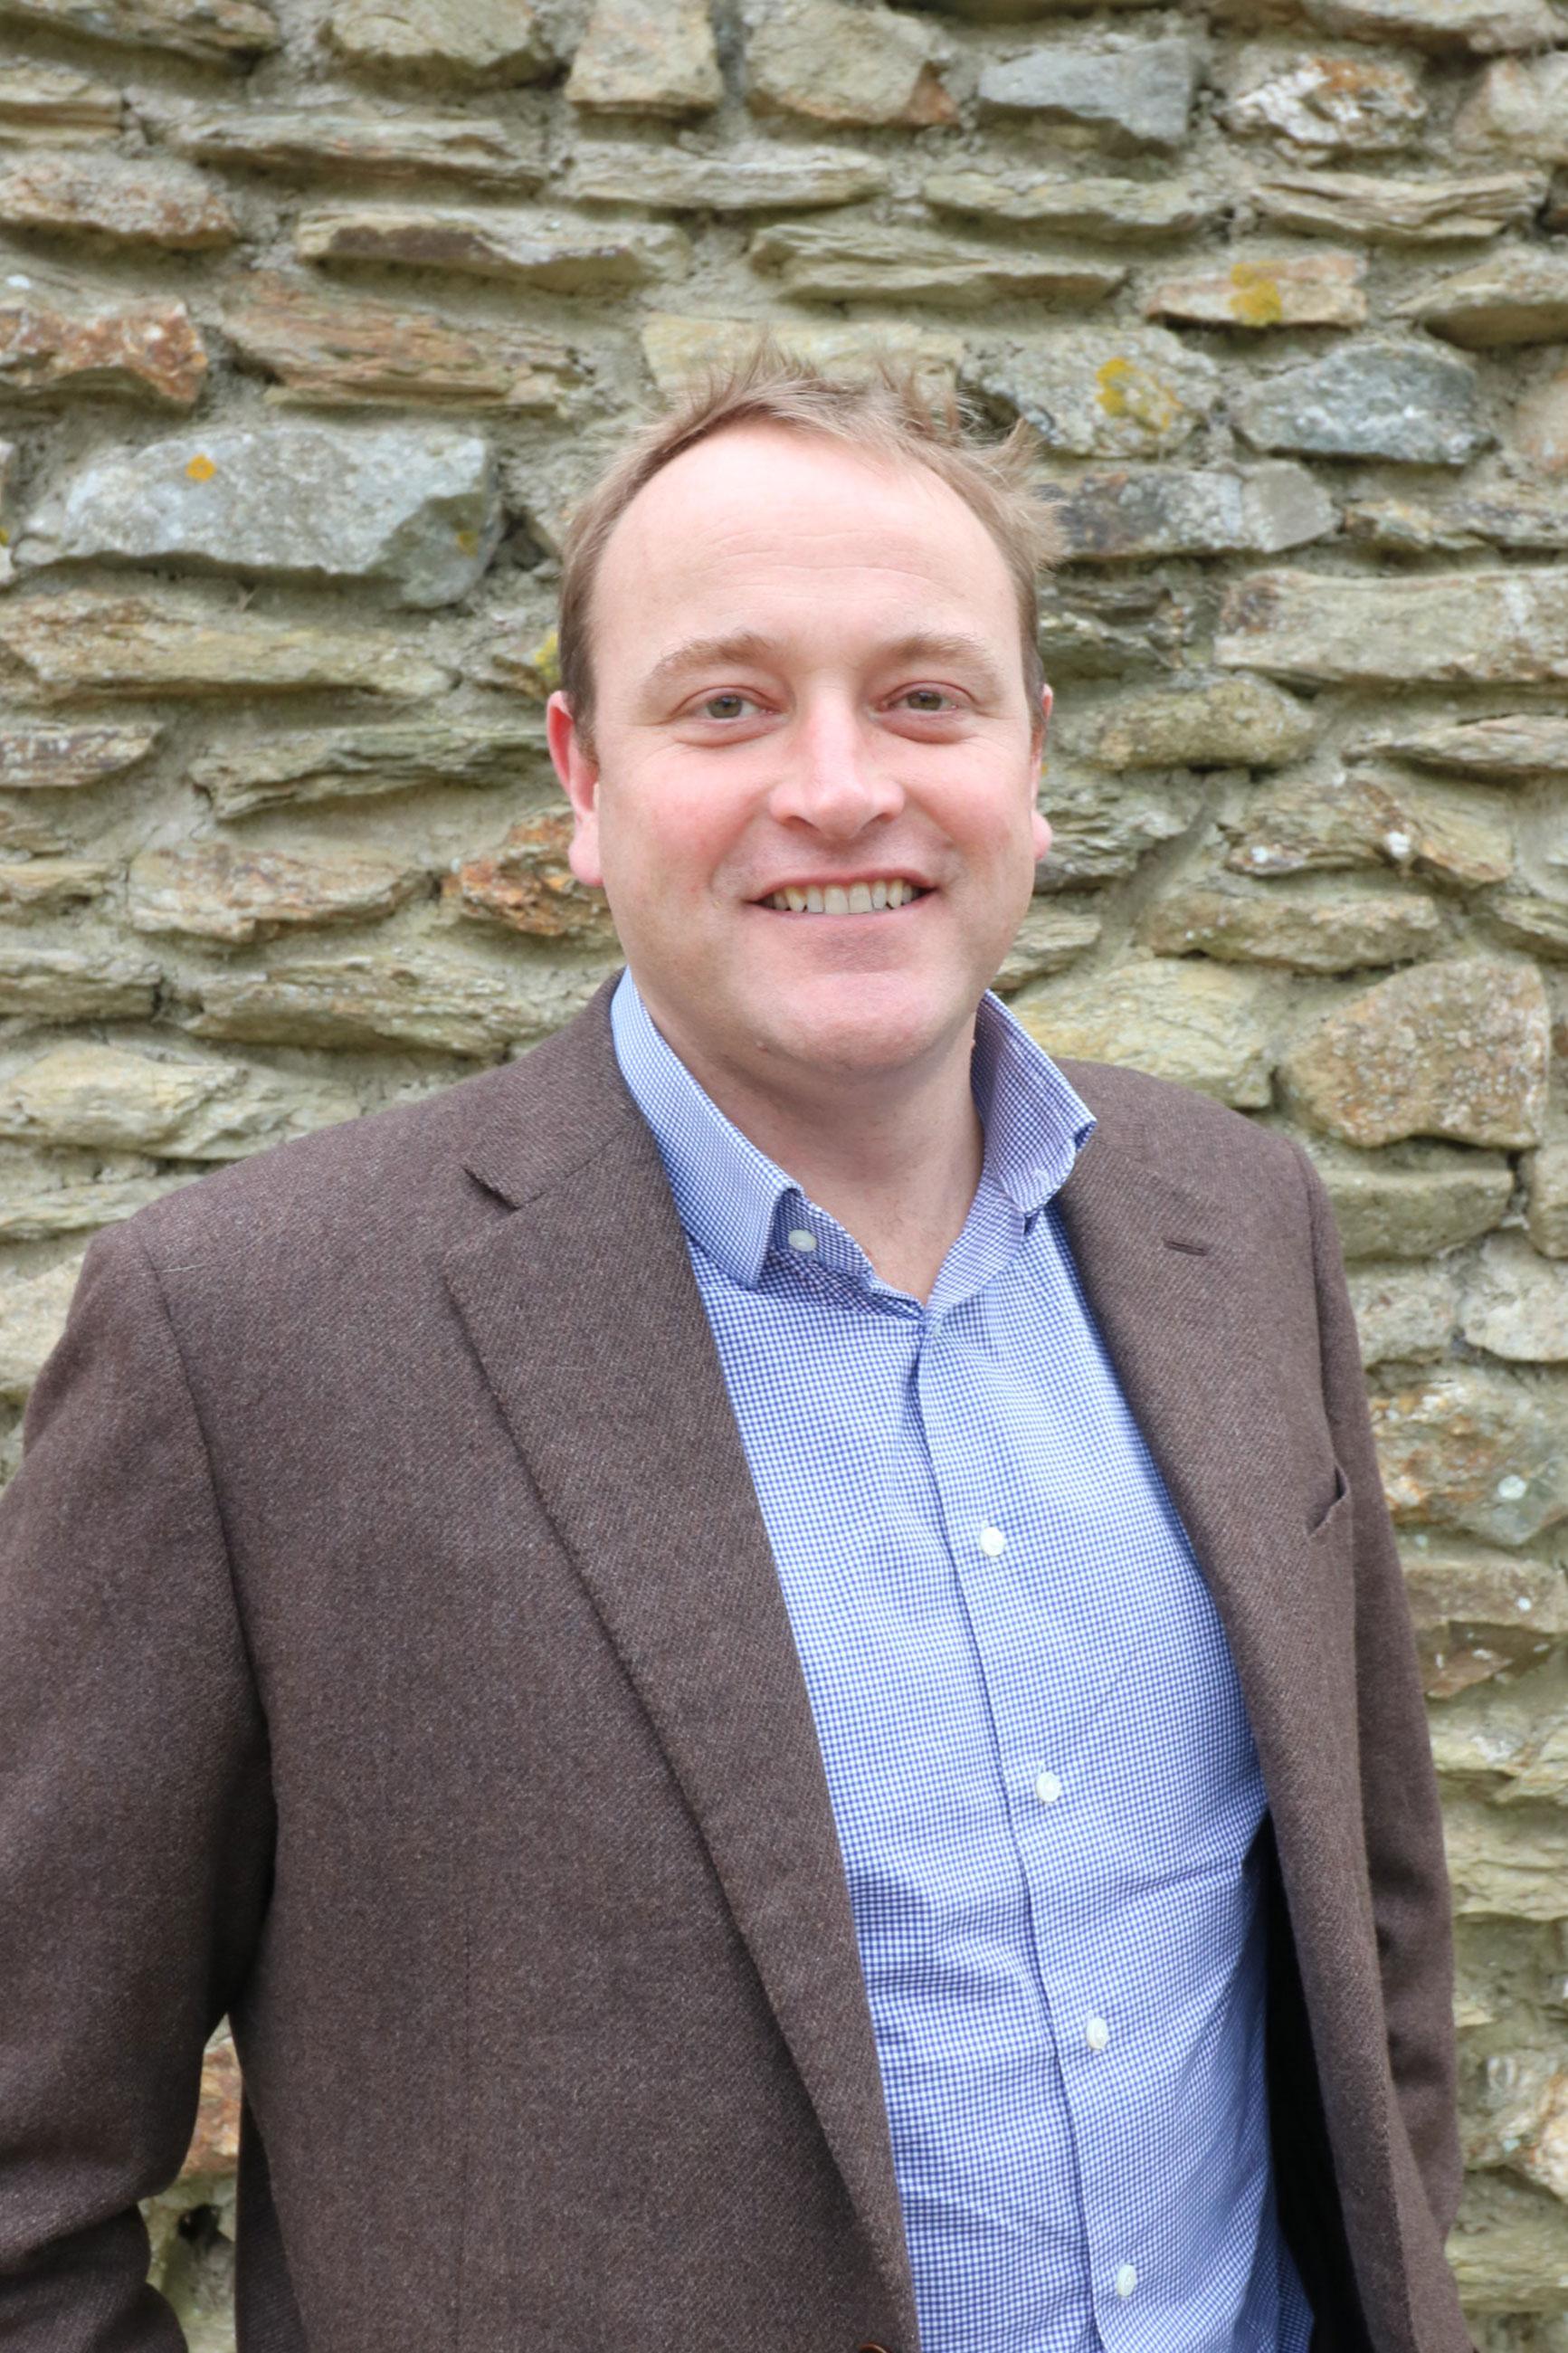 James Beckly